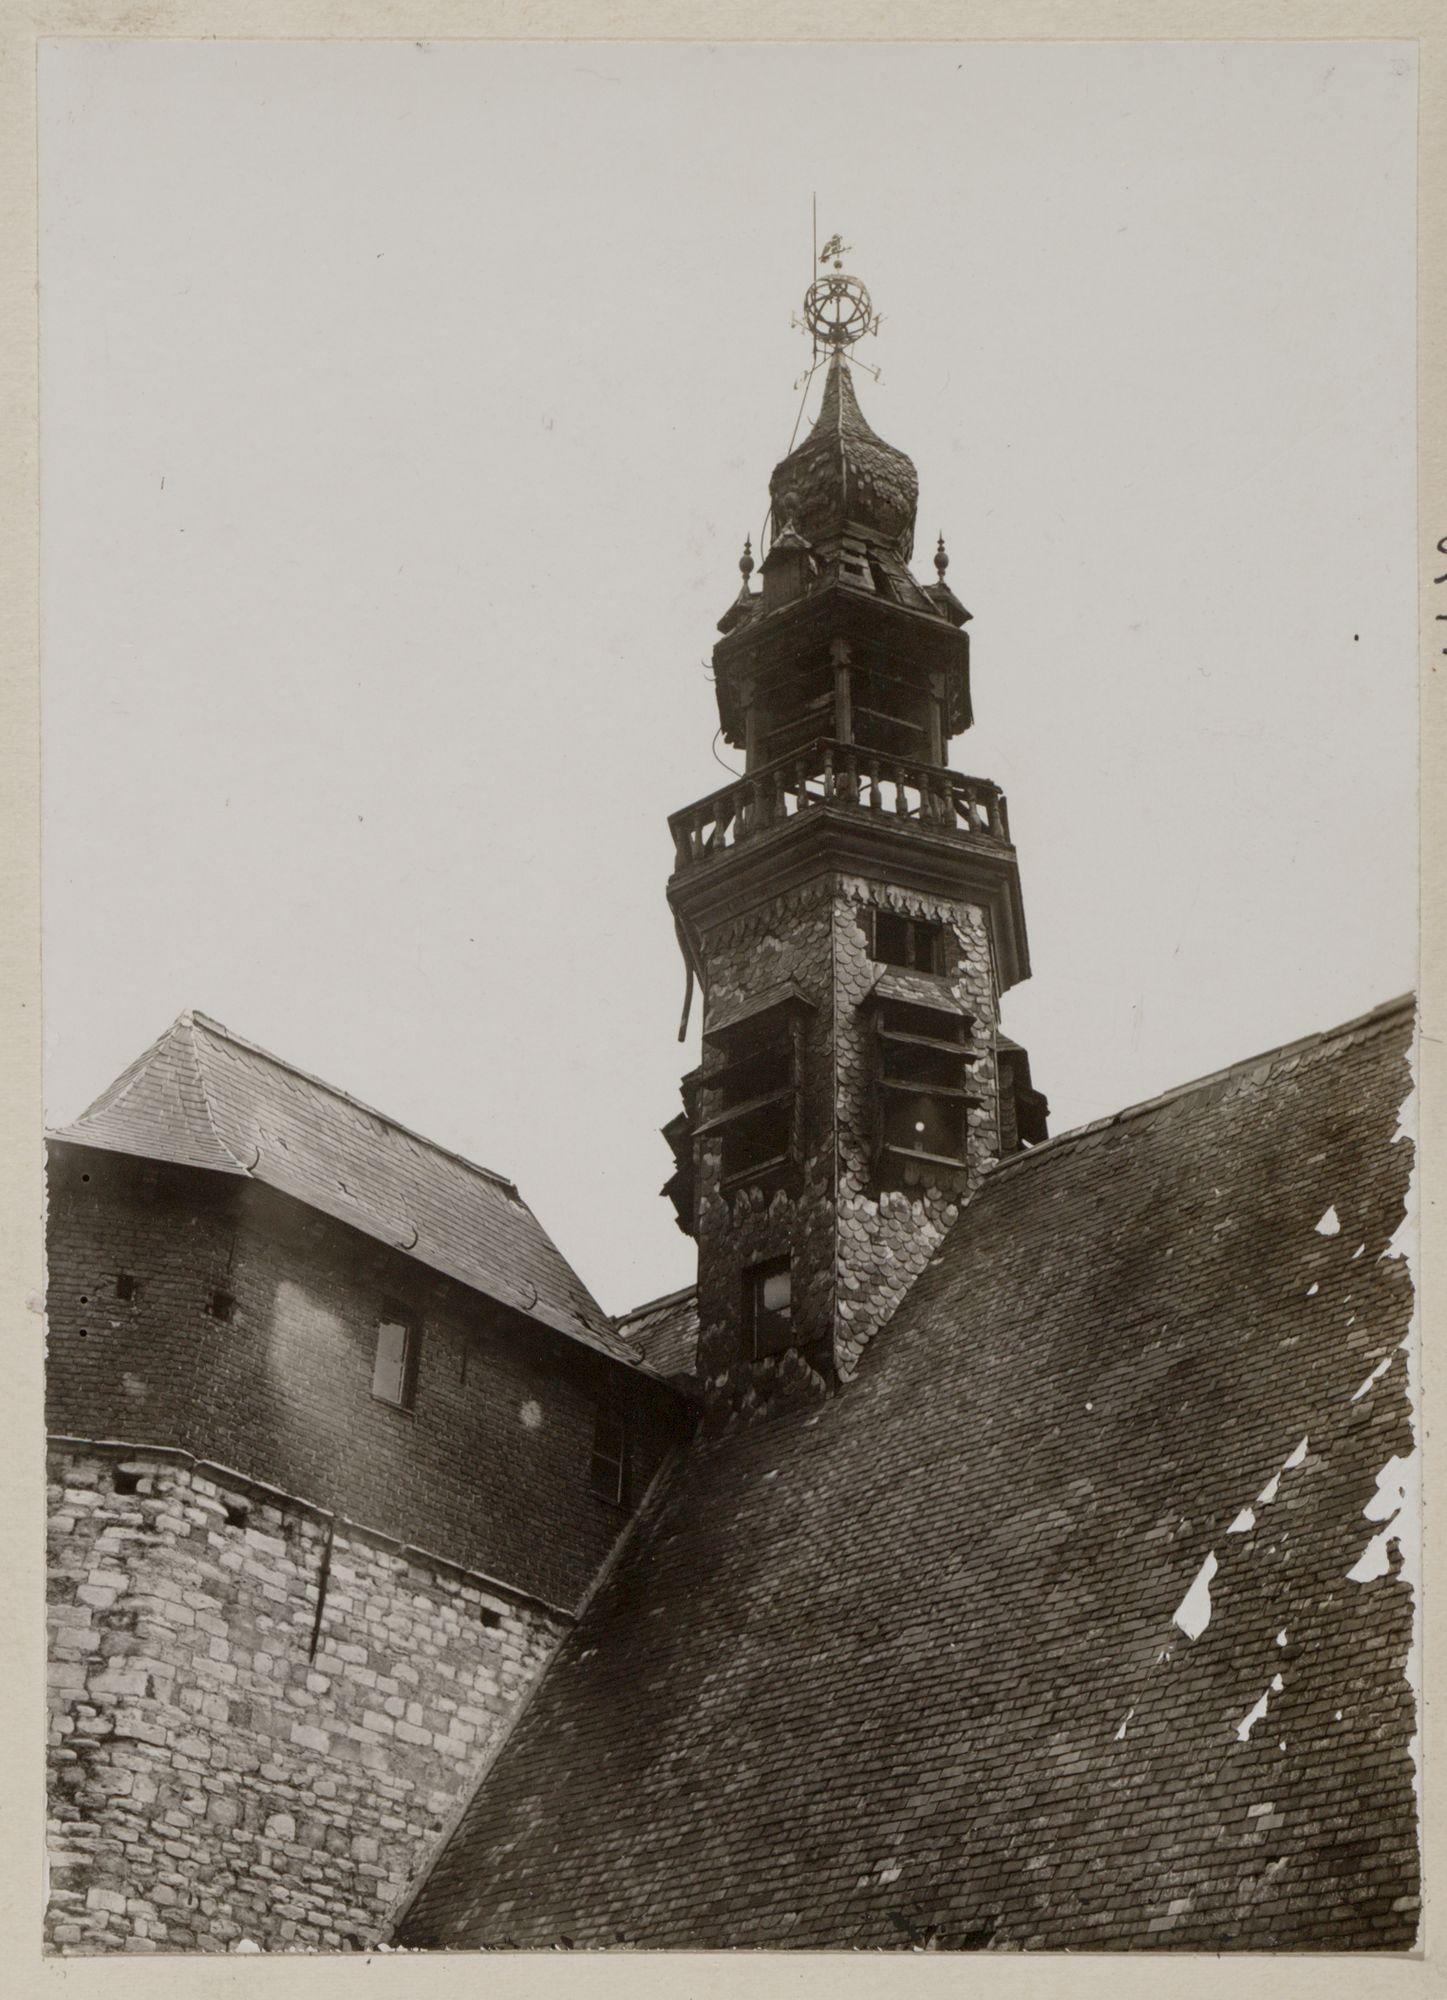 Gent: Baudeloabdij (Stads- en Universiteitsbibliotheek): dakruiter (torentje) op de kerk, zonder de beiaard, mei 1931